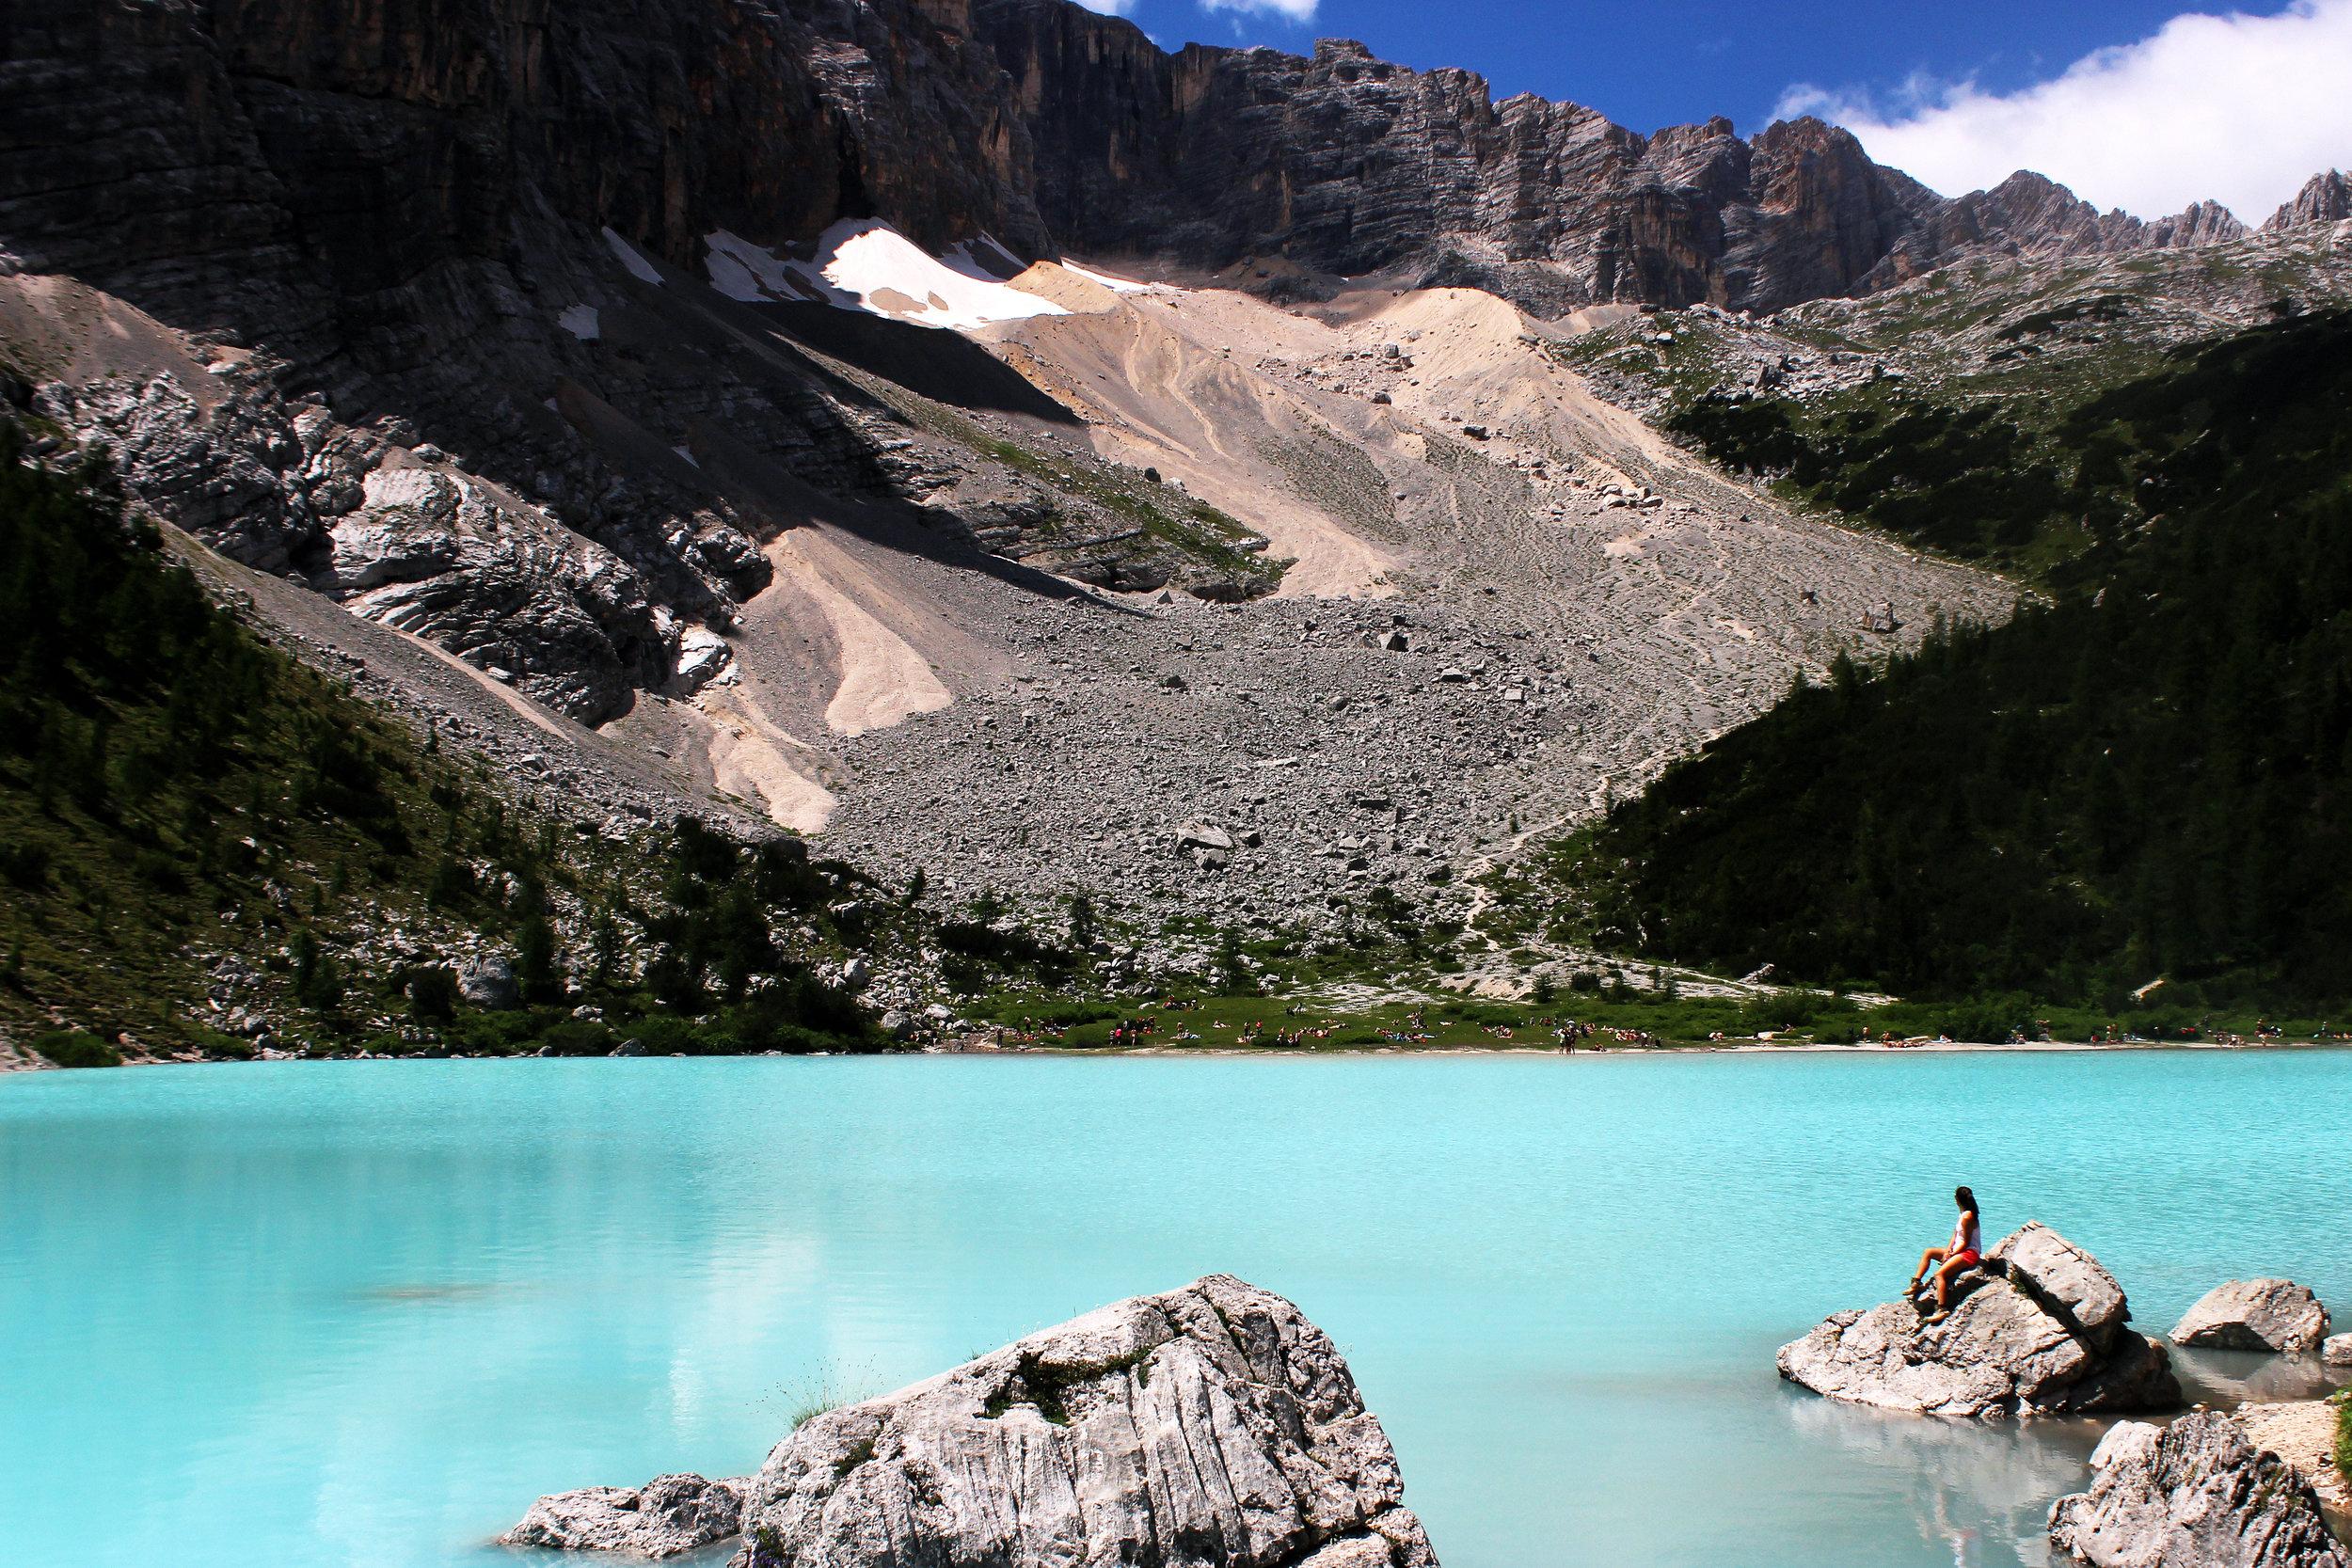 lago di sorapis, dolomites